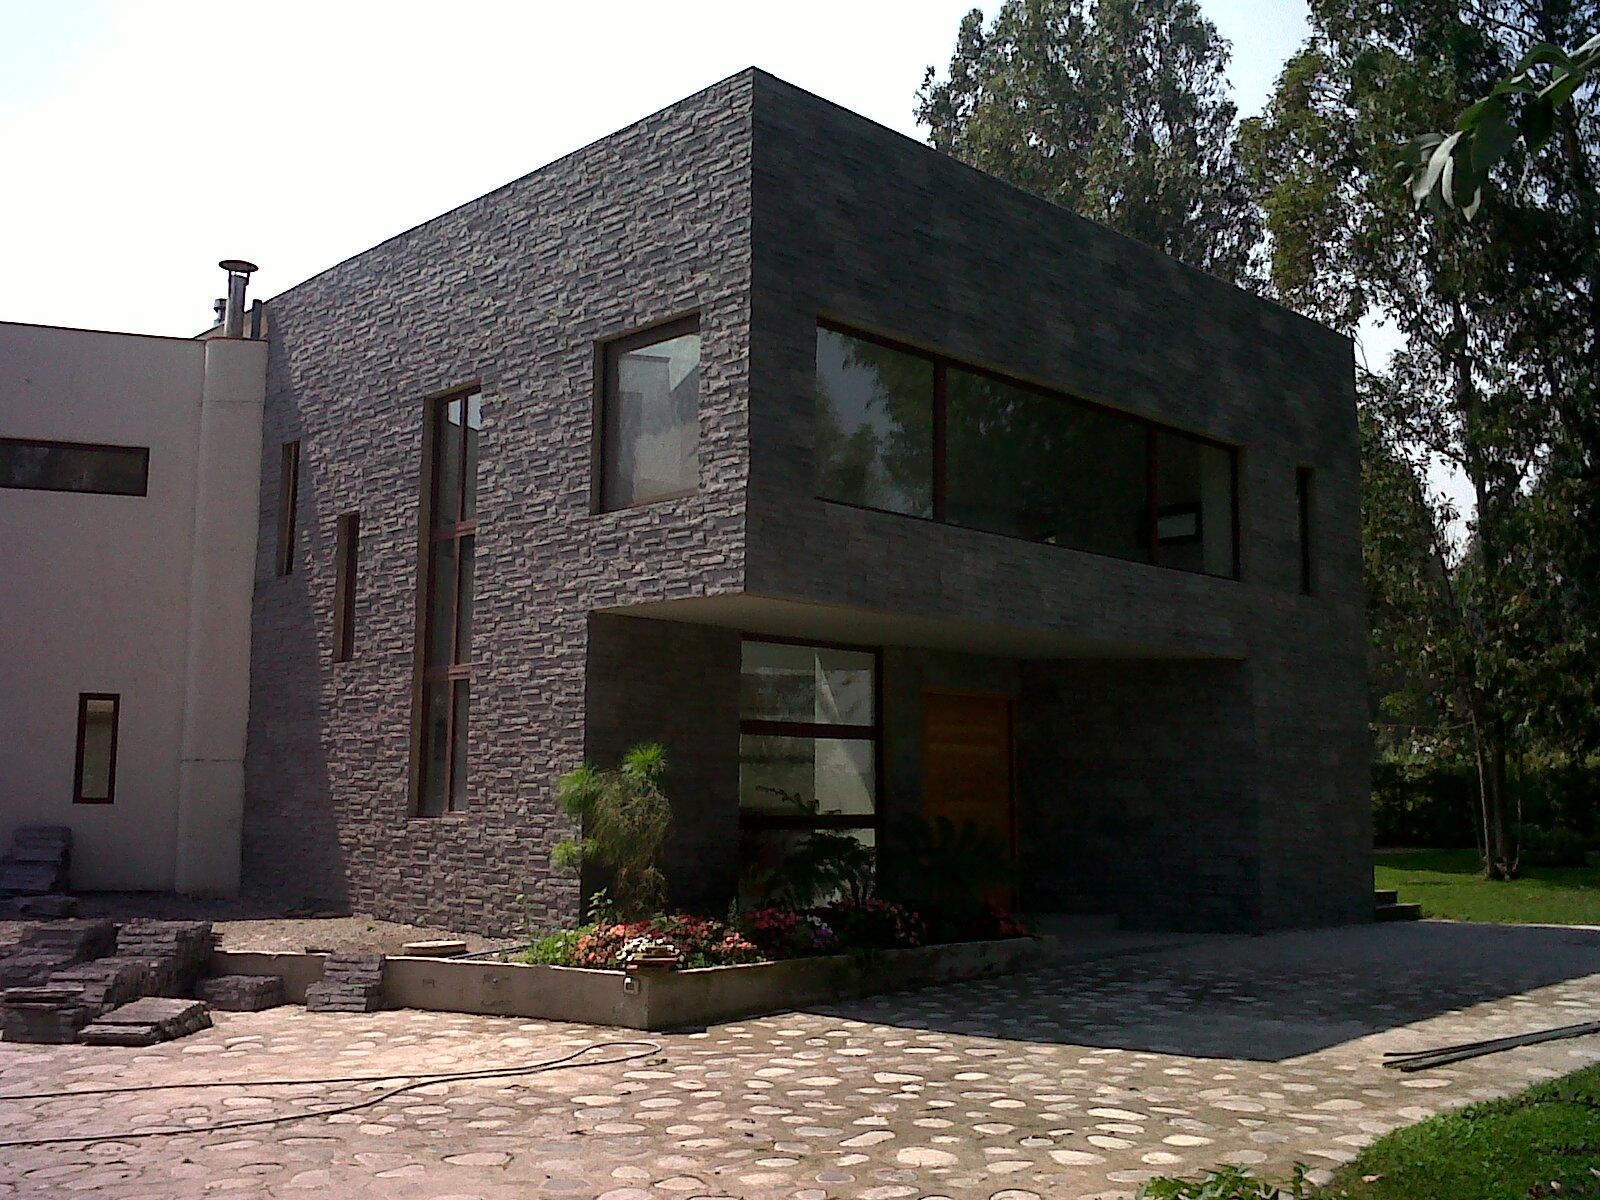 Toconao gris - Copy